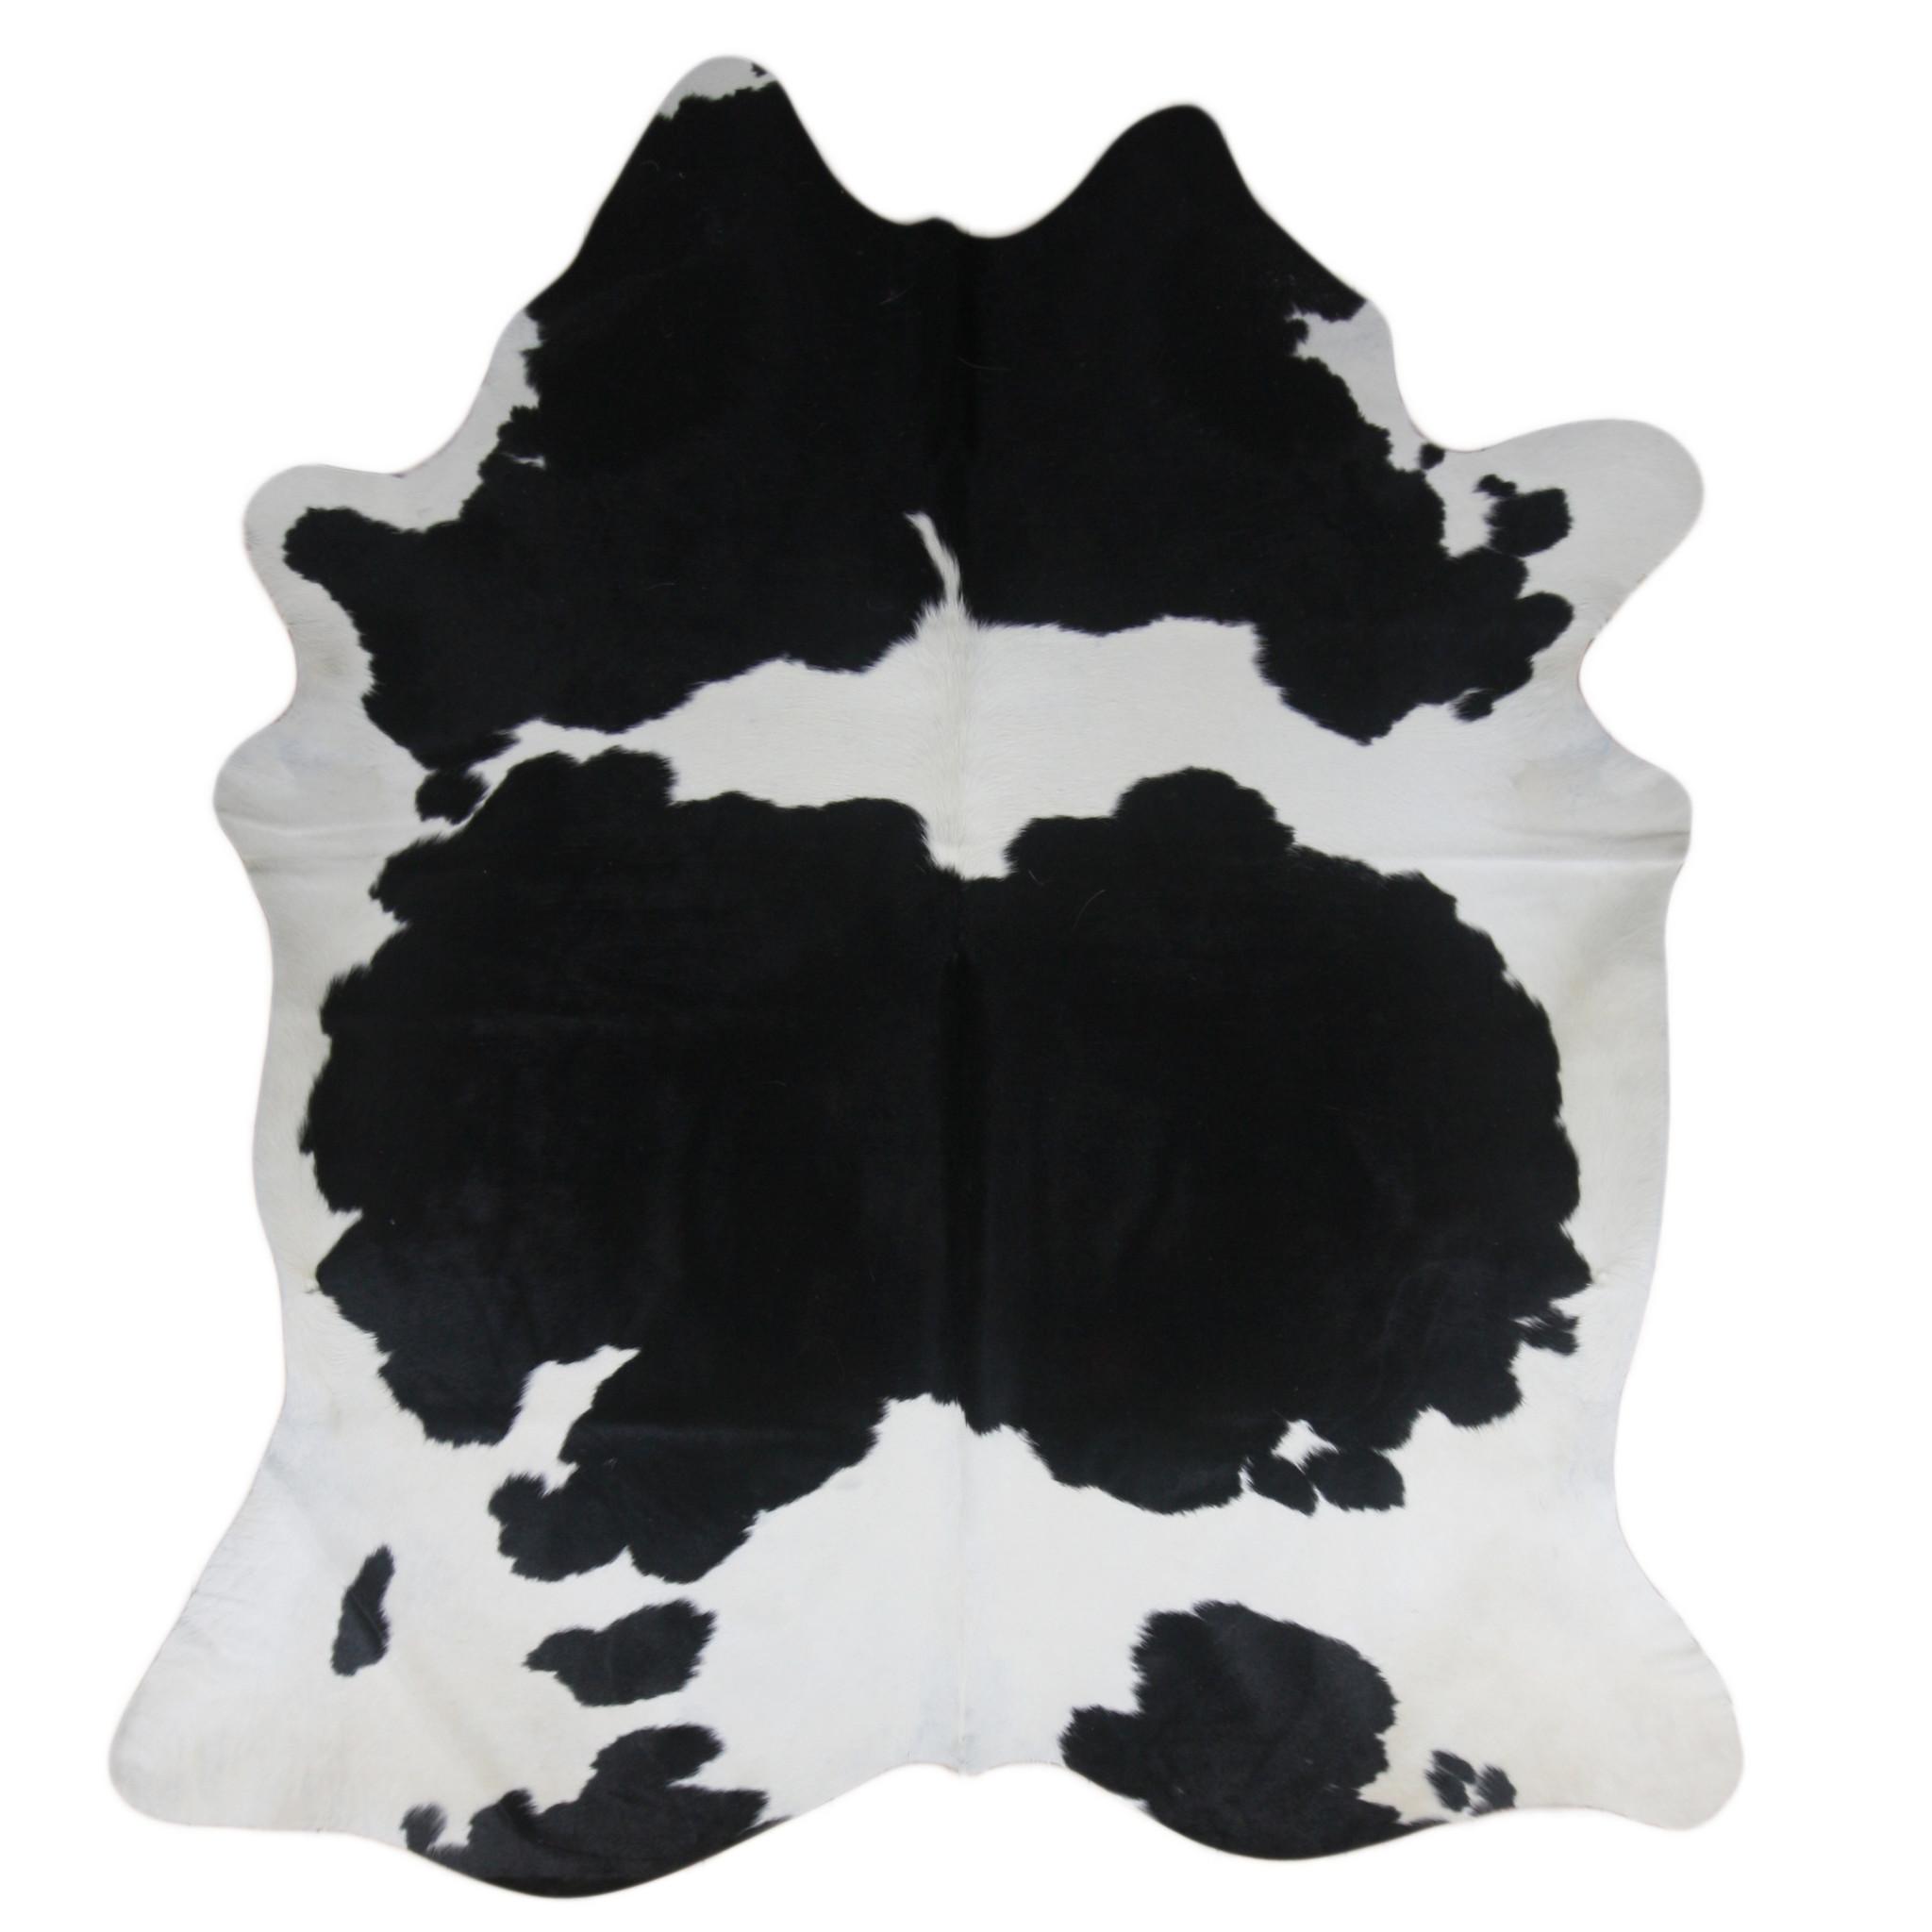 Van Buren Zwart wit koeienhuid vloerkleed